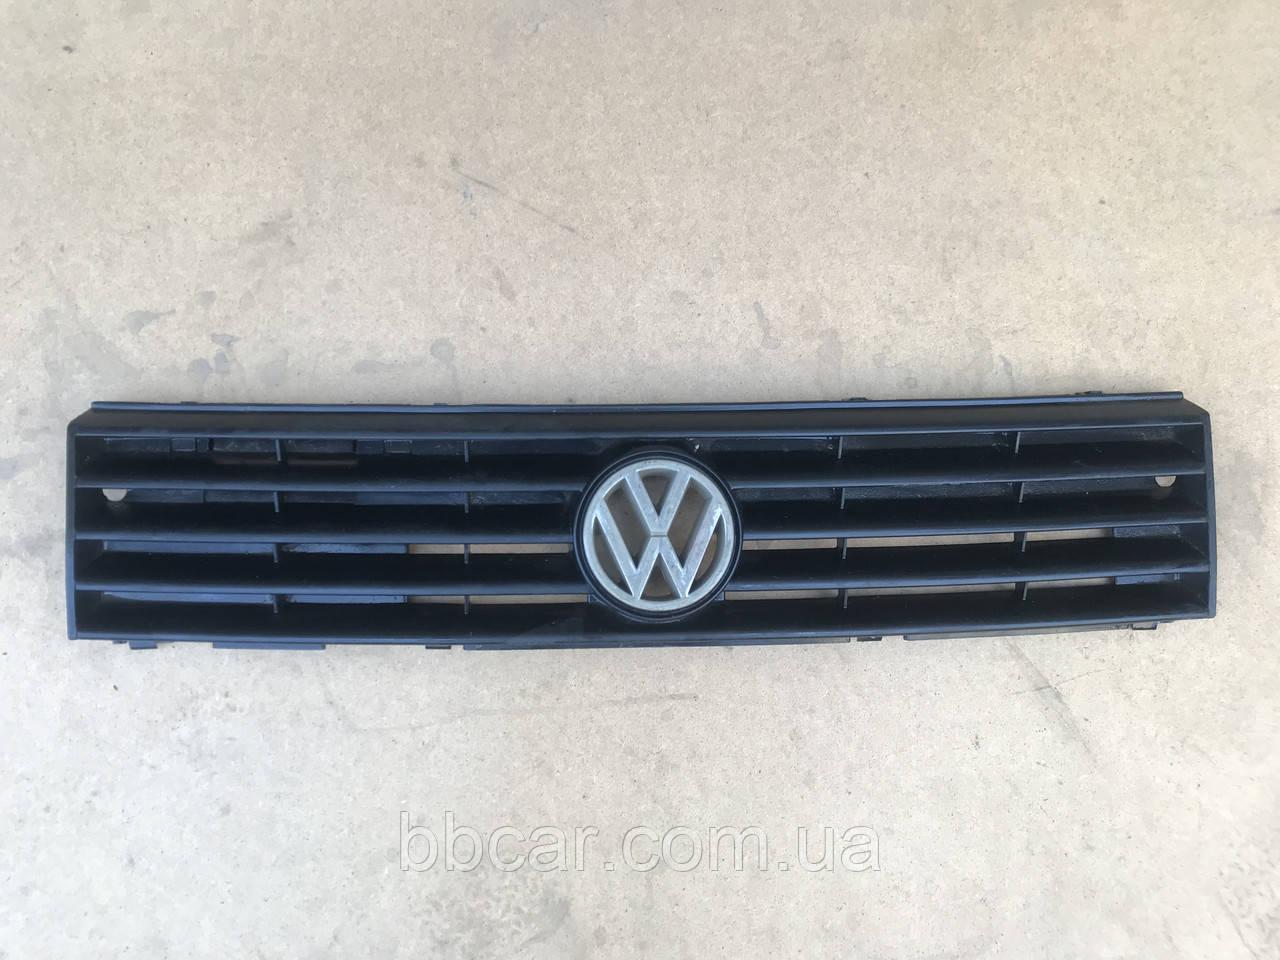 Решітка Volkswagen Polo  1990-1994 р-в   867.853.653 G